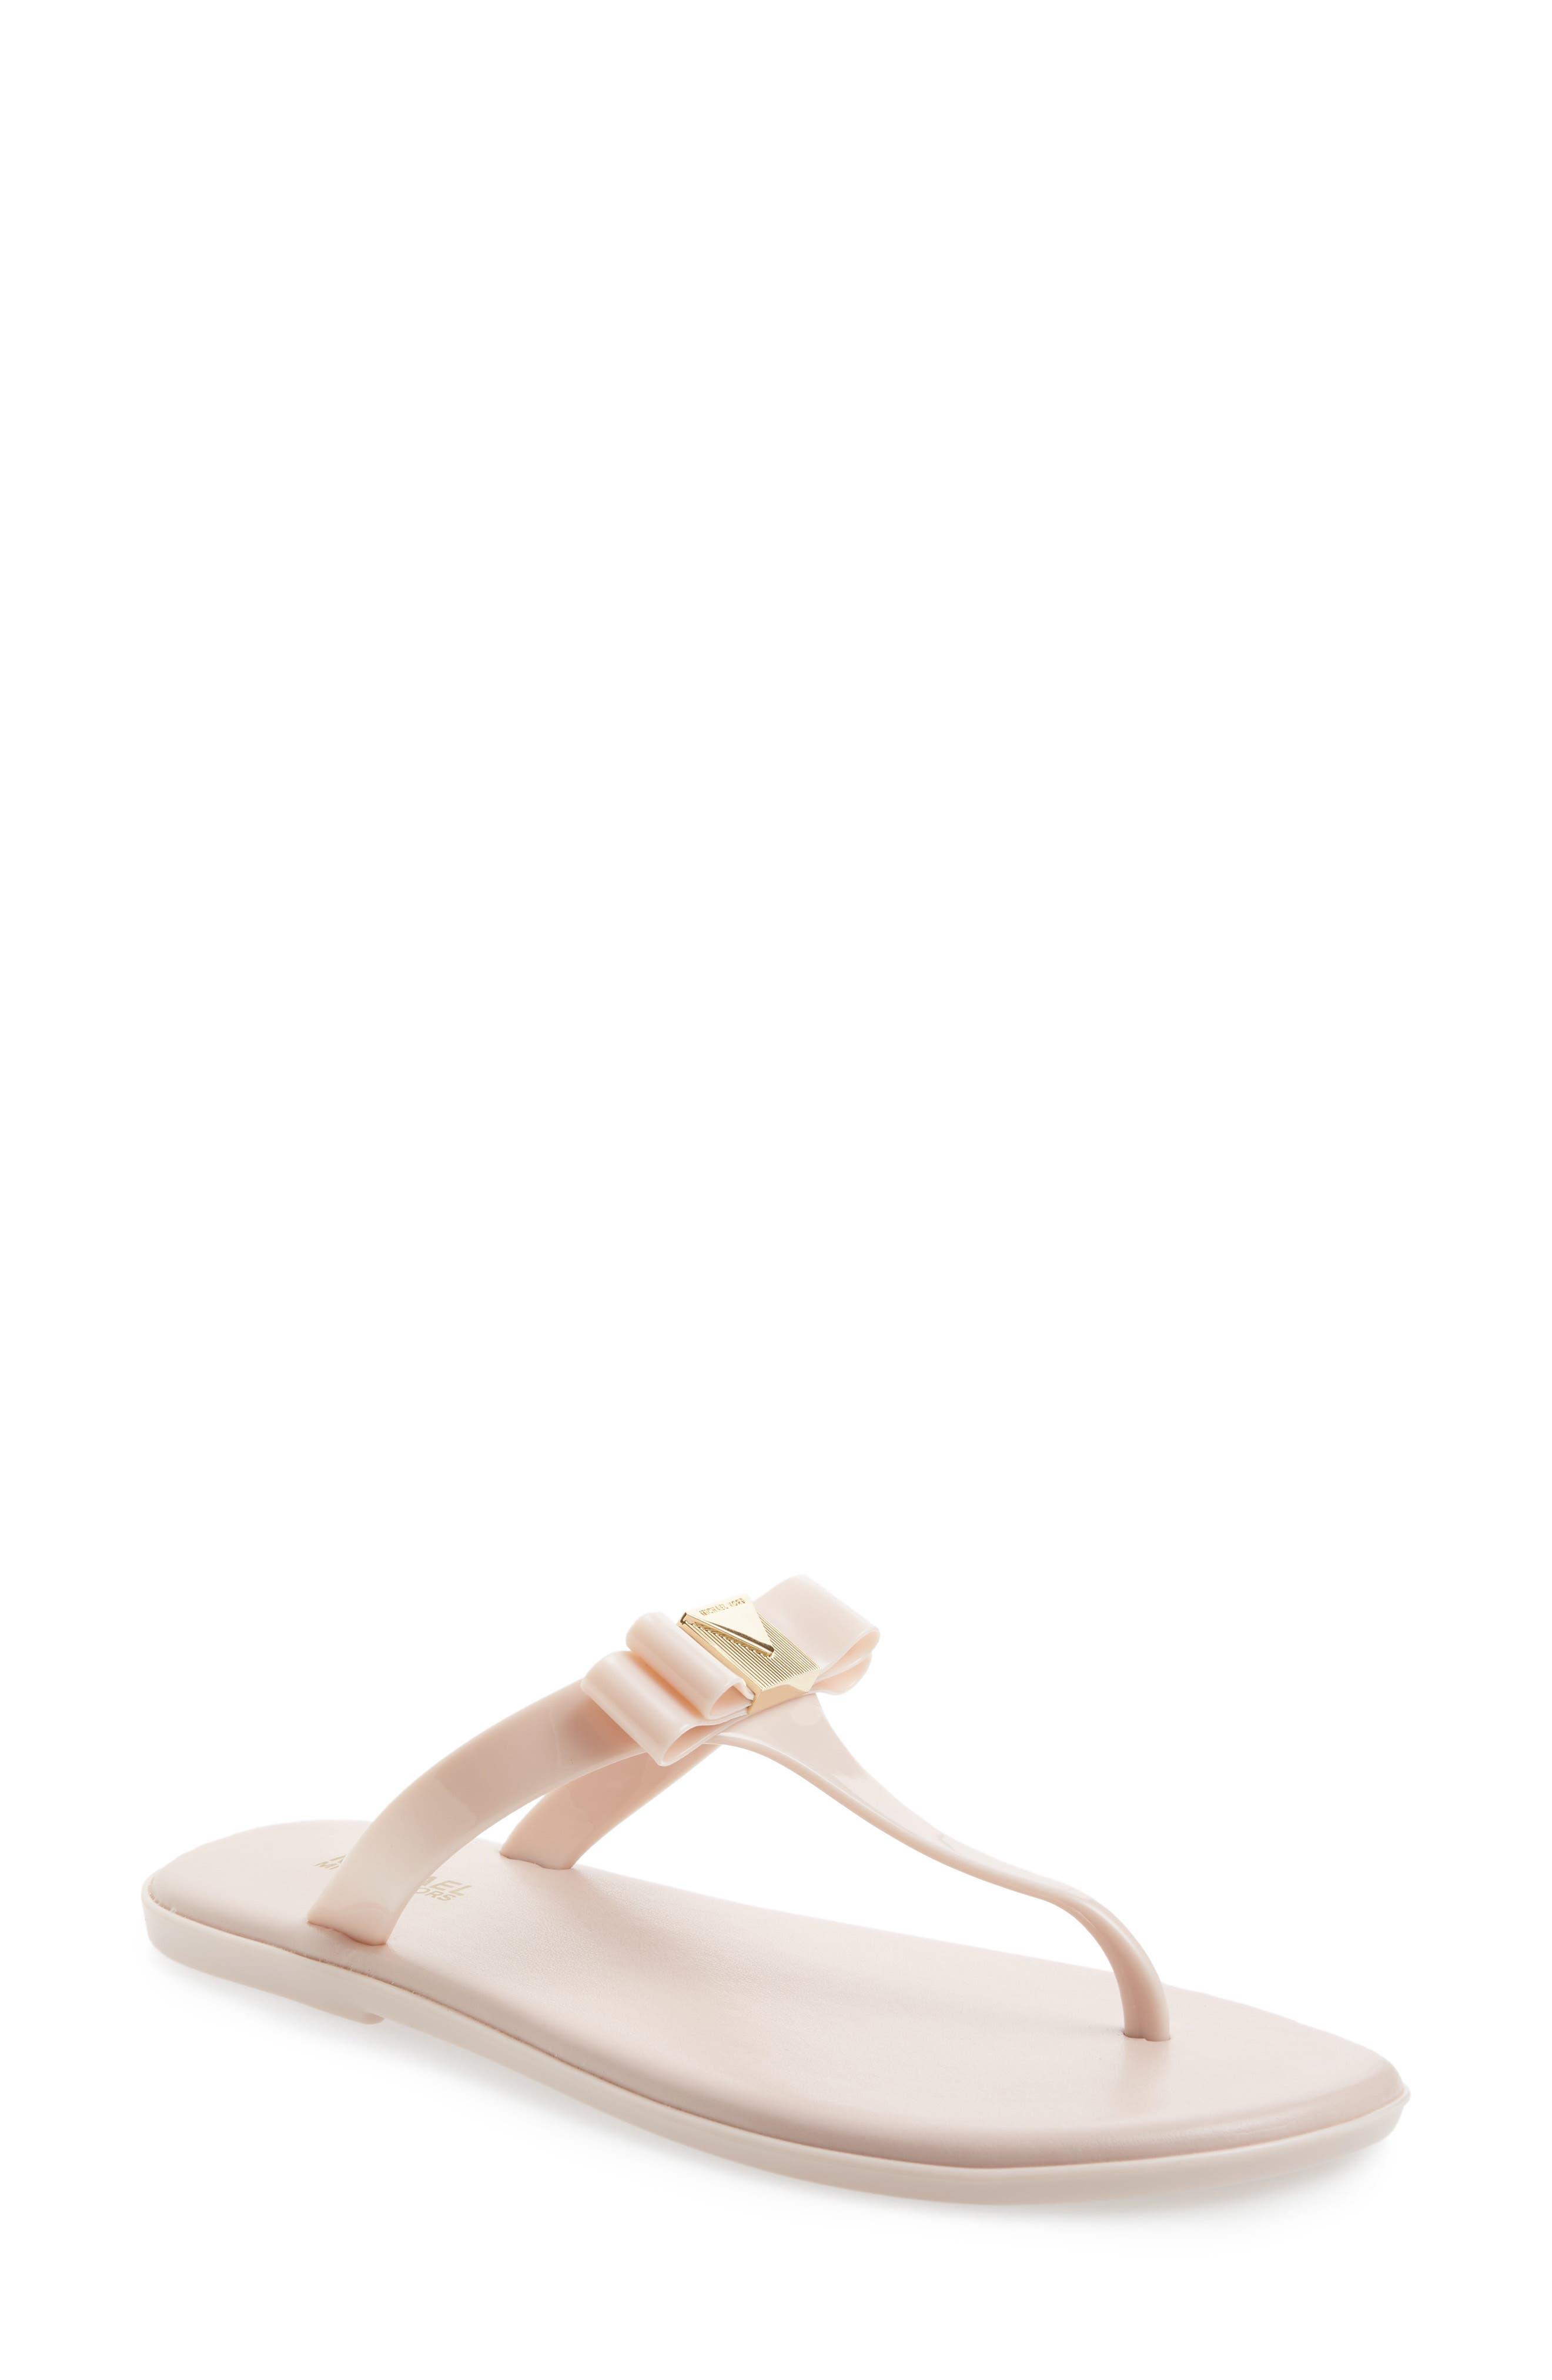 Caroline Jelly Flip Flop,                         Main,                         color, Soft Pink